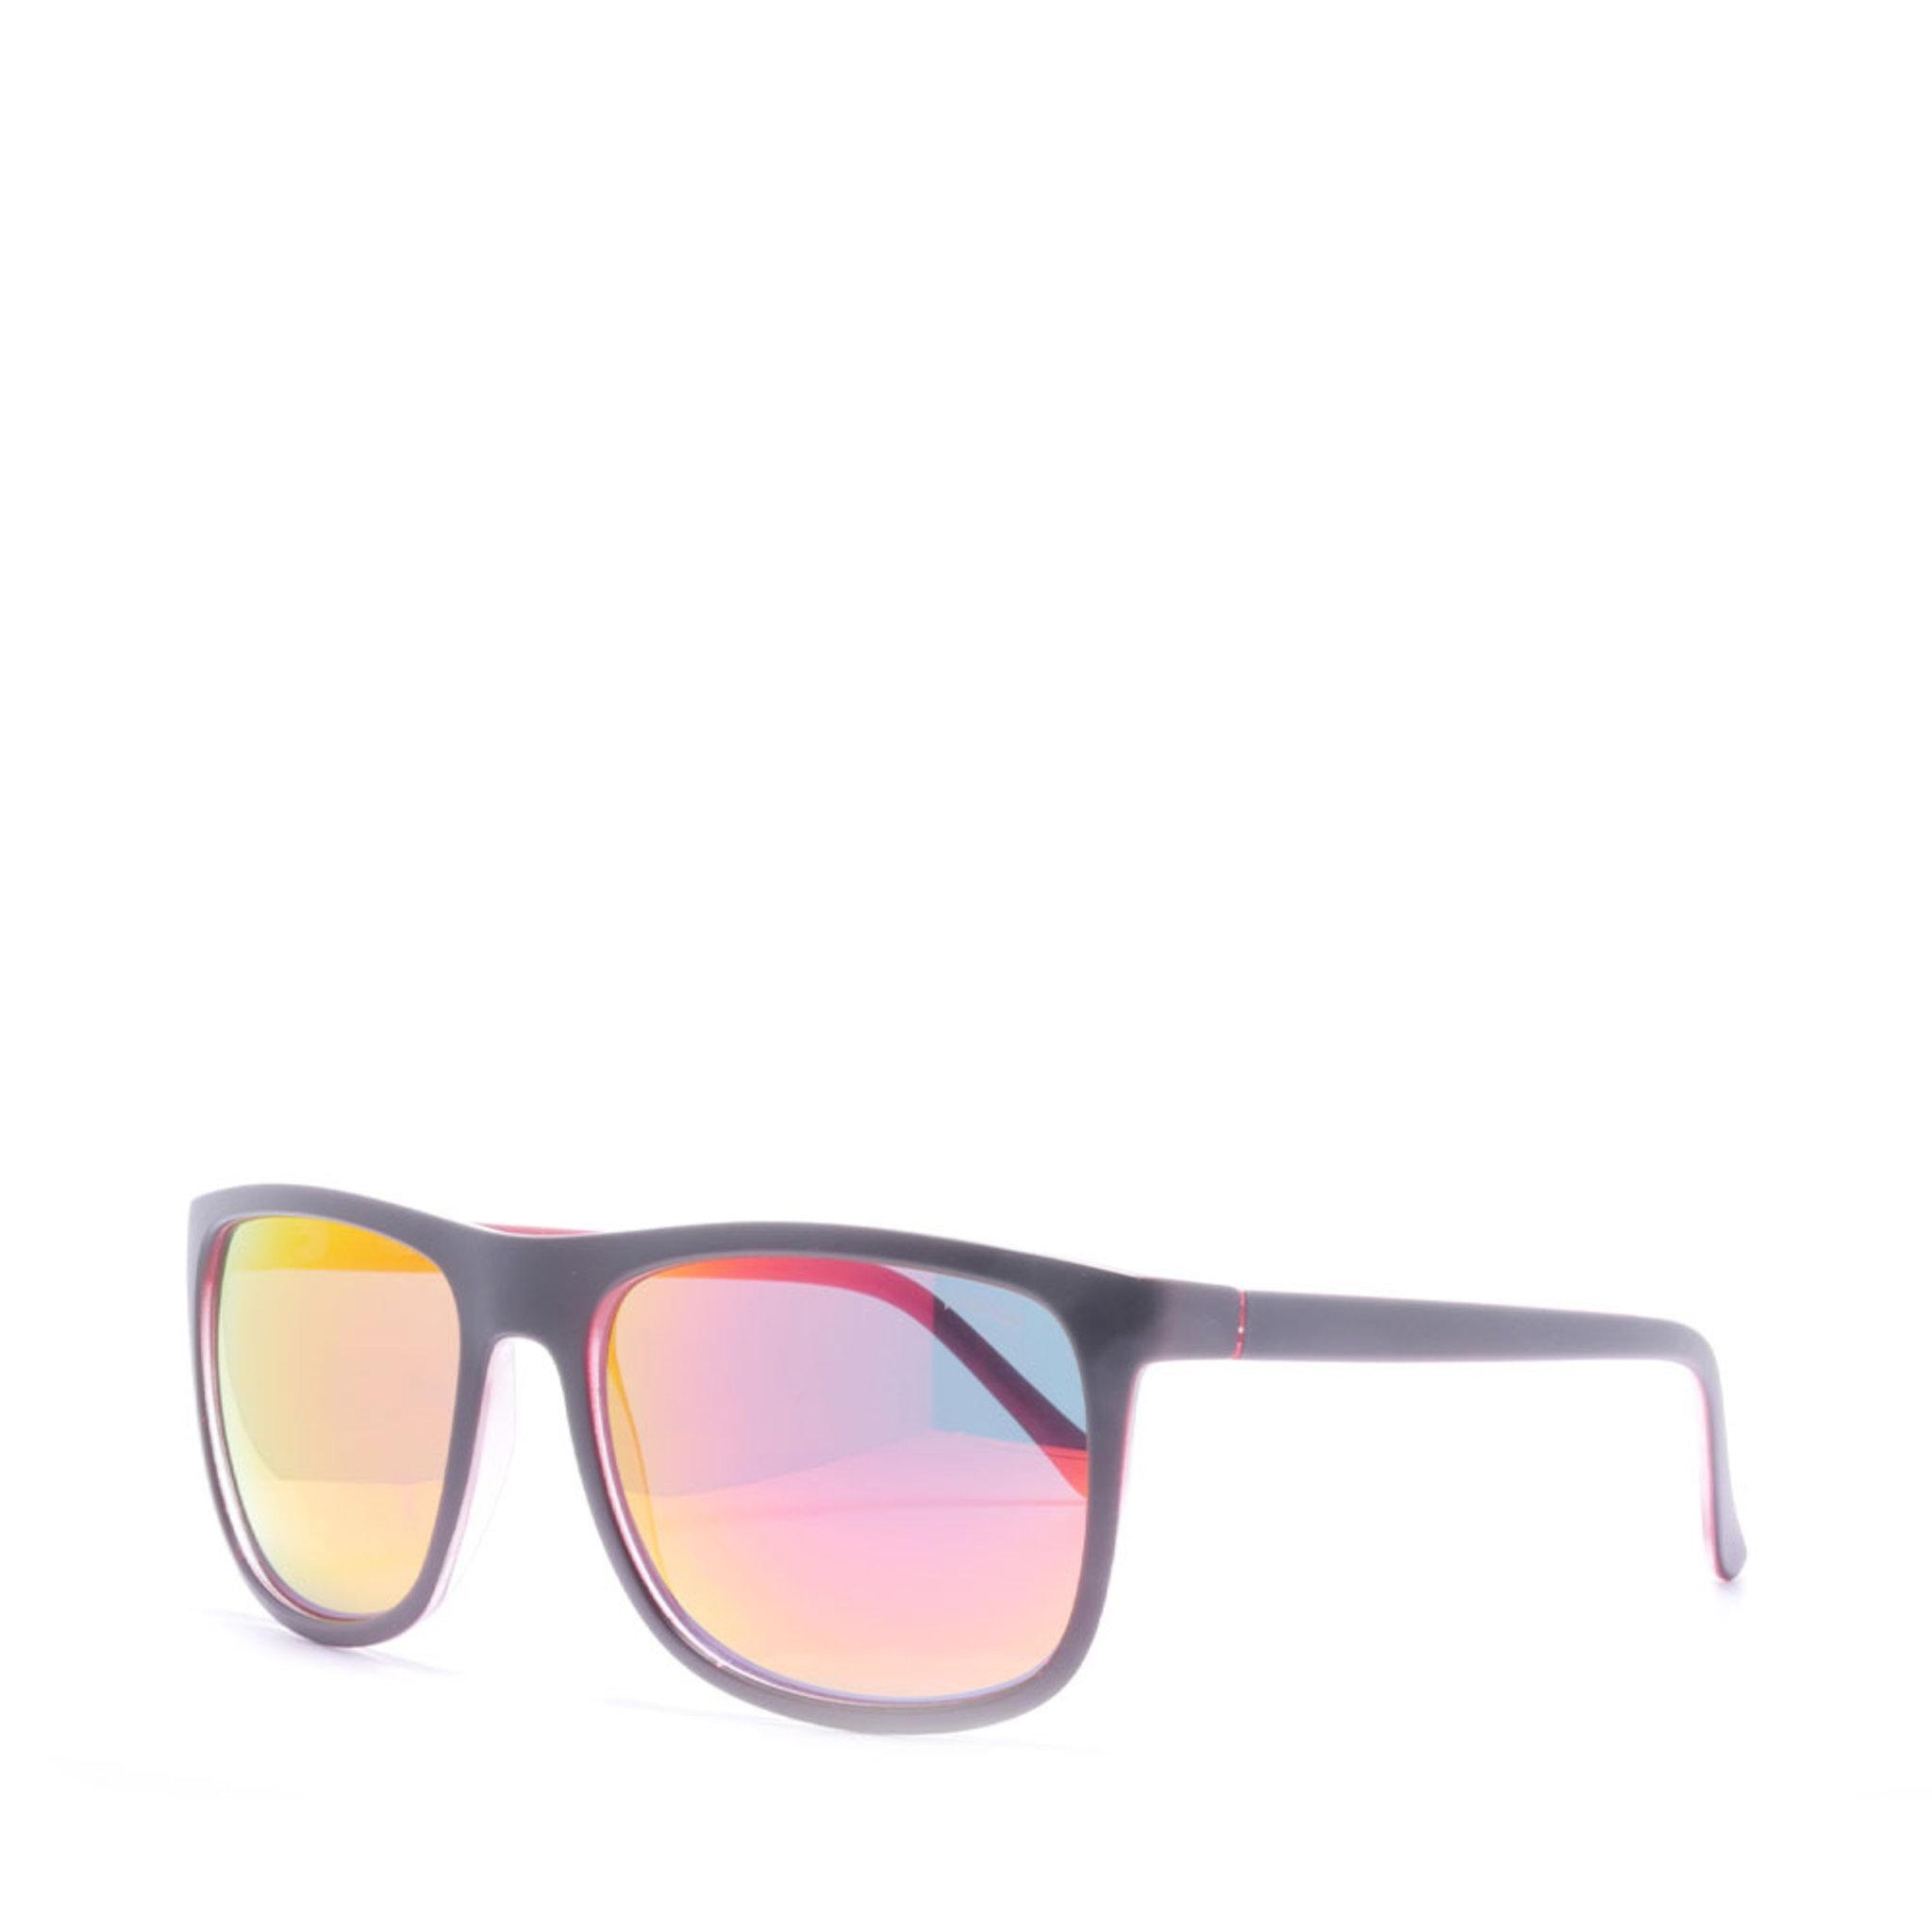 Lorna Black Sunglasses